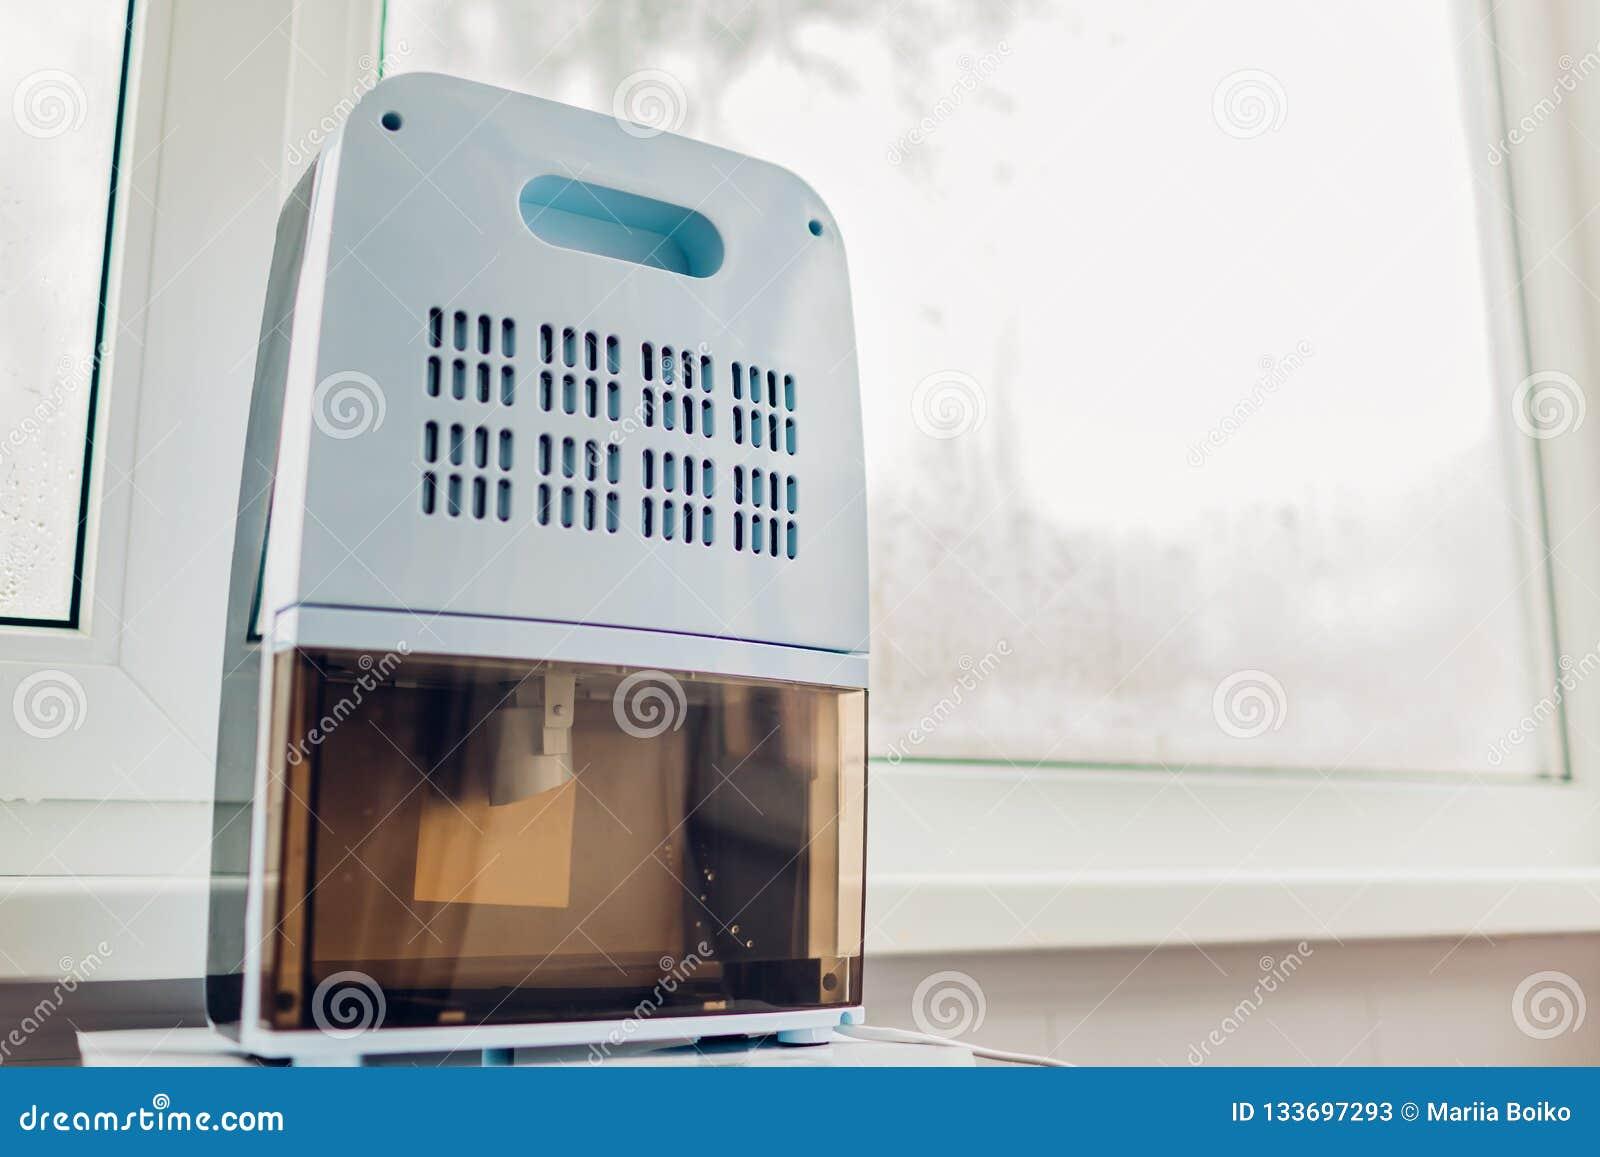 Trockenmittel mit Fingerspitzentablett, Feuchtigkeitsanzeiger, UVlampe, Luft ionizer, Wasserbehälterarbeiten durch nass Fenster